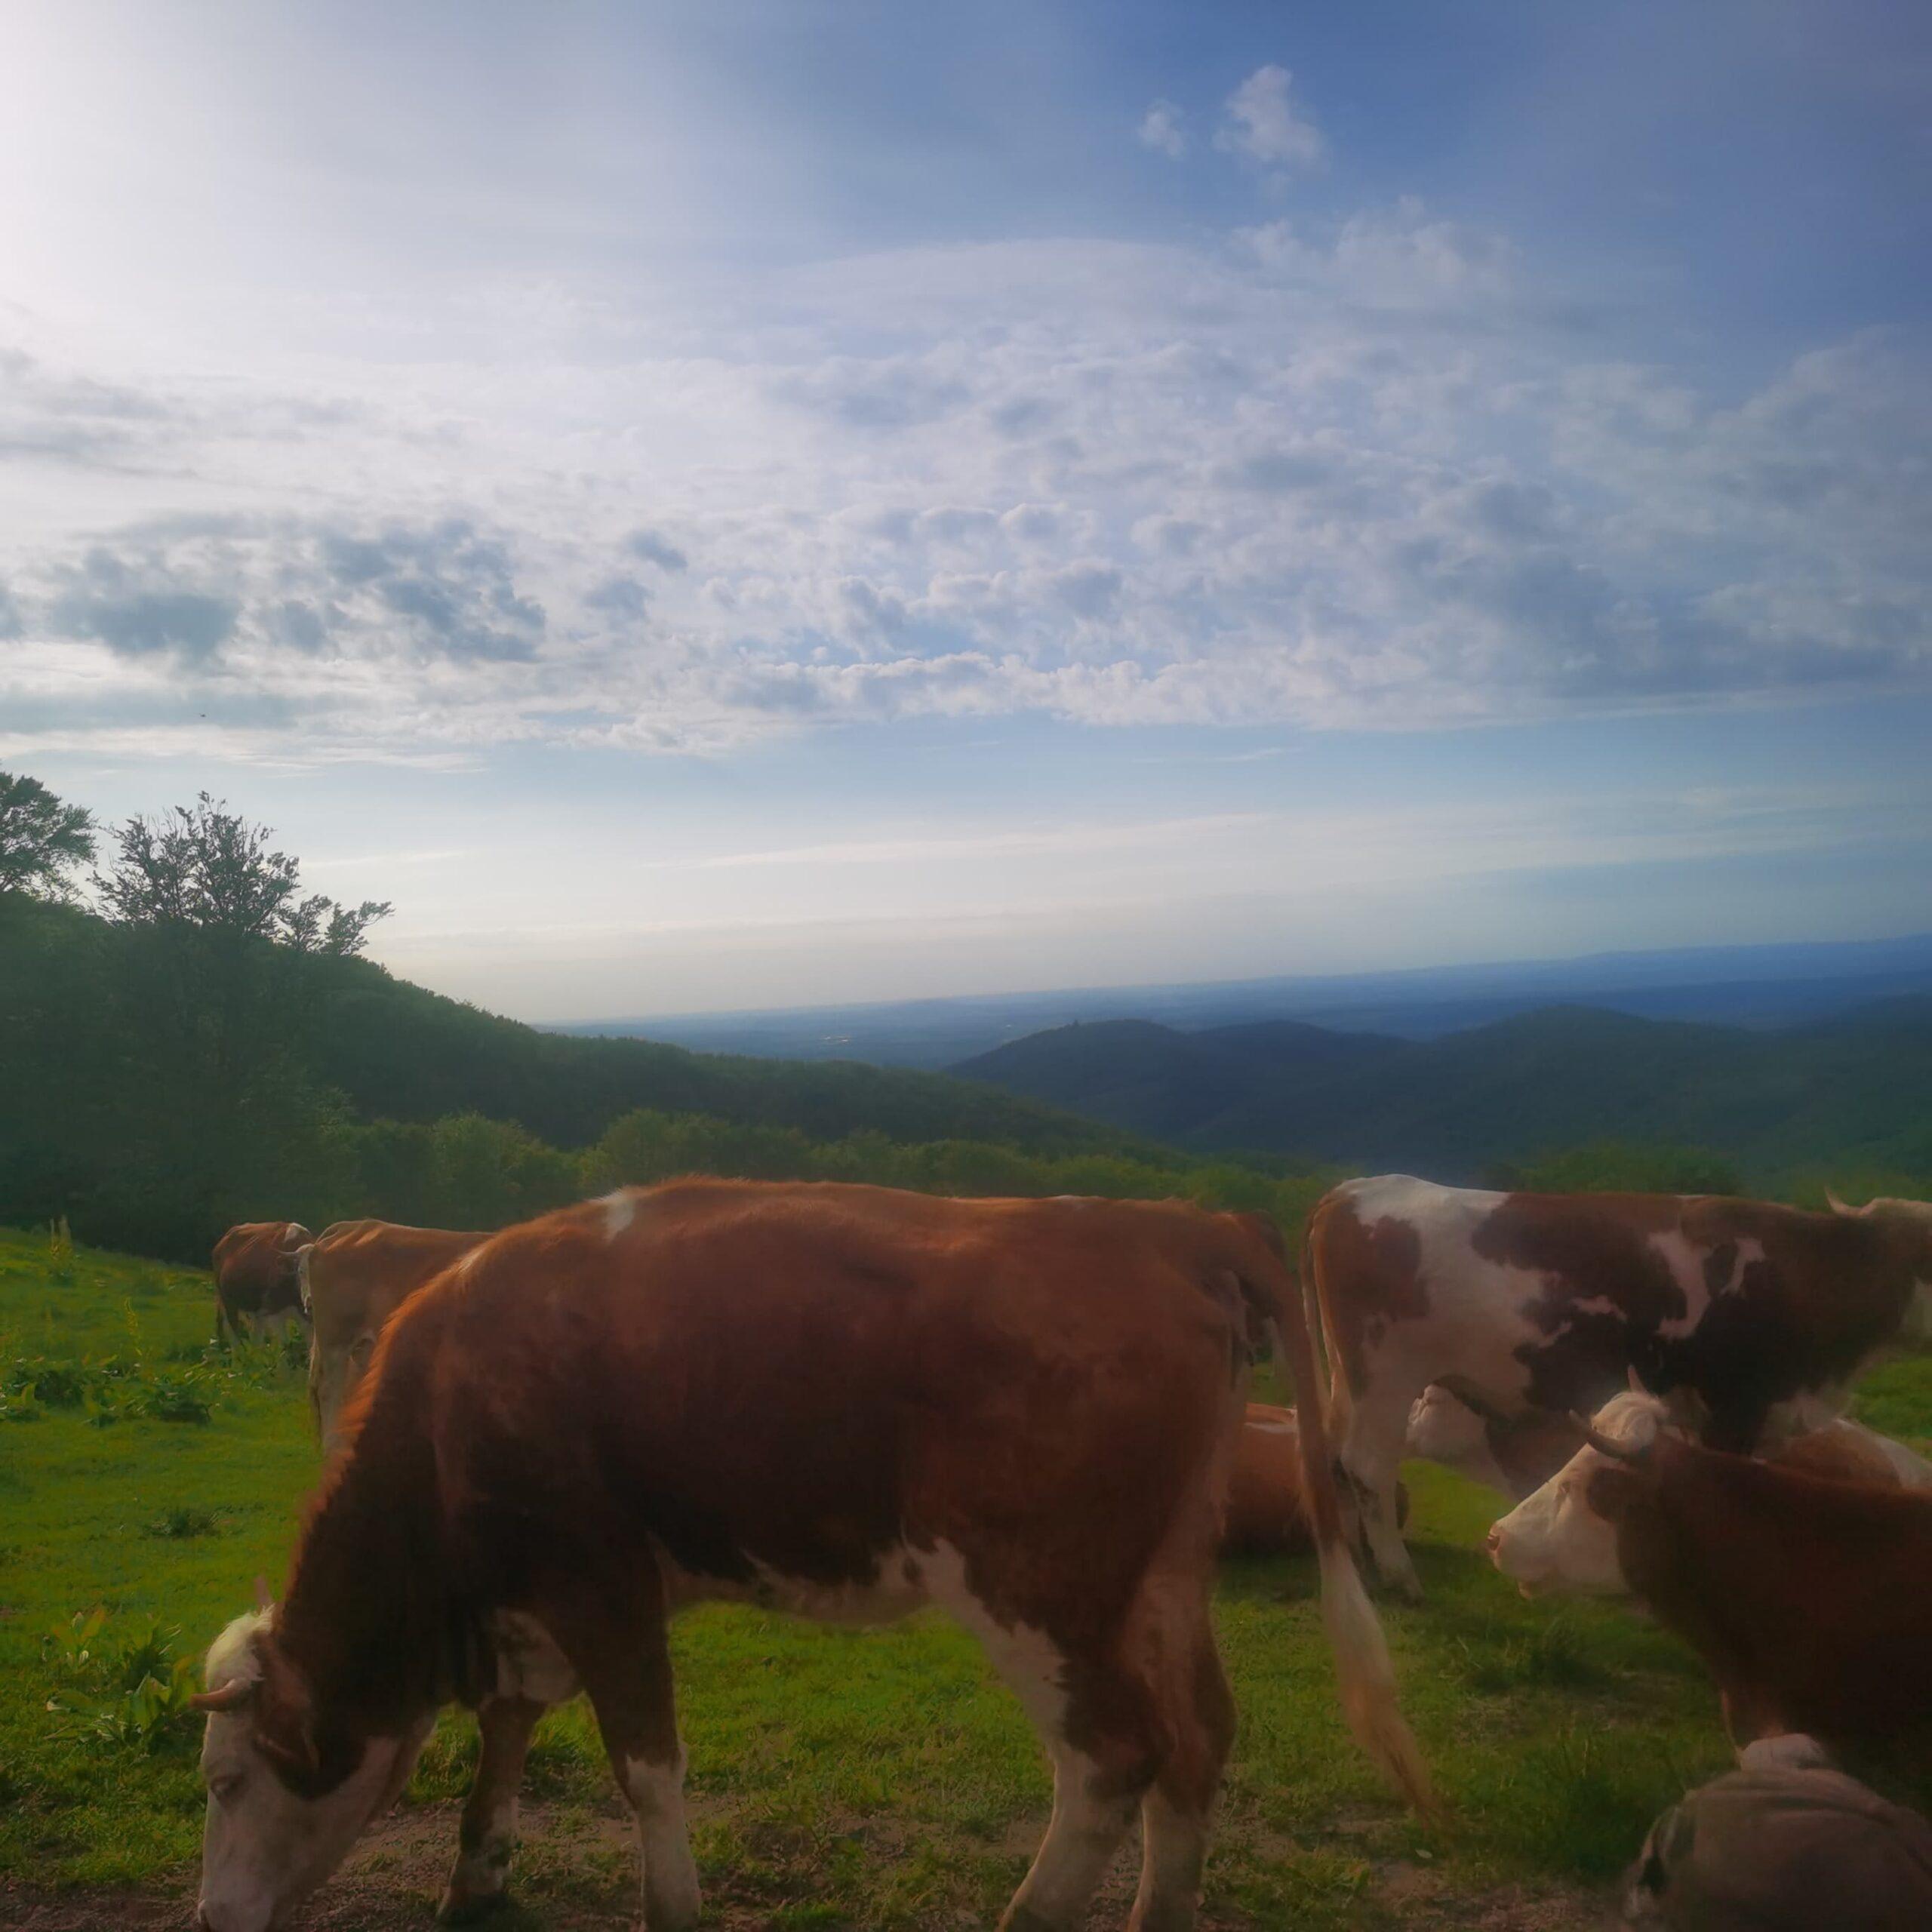 Se schimbă data de referință la ANT bovine? Banii să ajungă doar la cei care chiar cresc animale și doar la cei care cultivă pământul. Stiri agricole